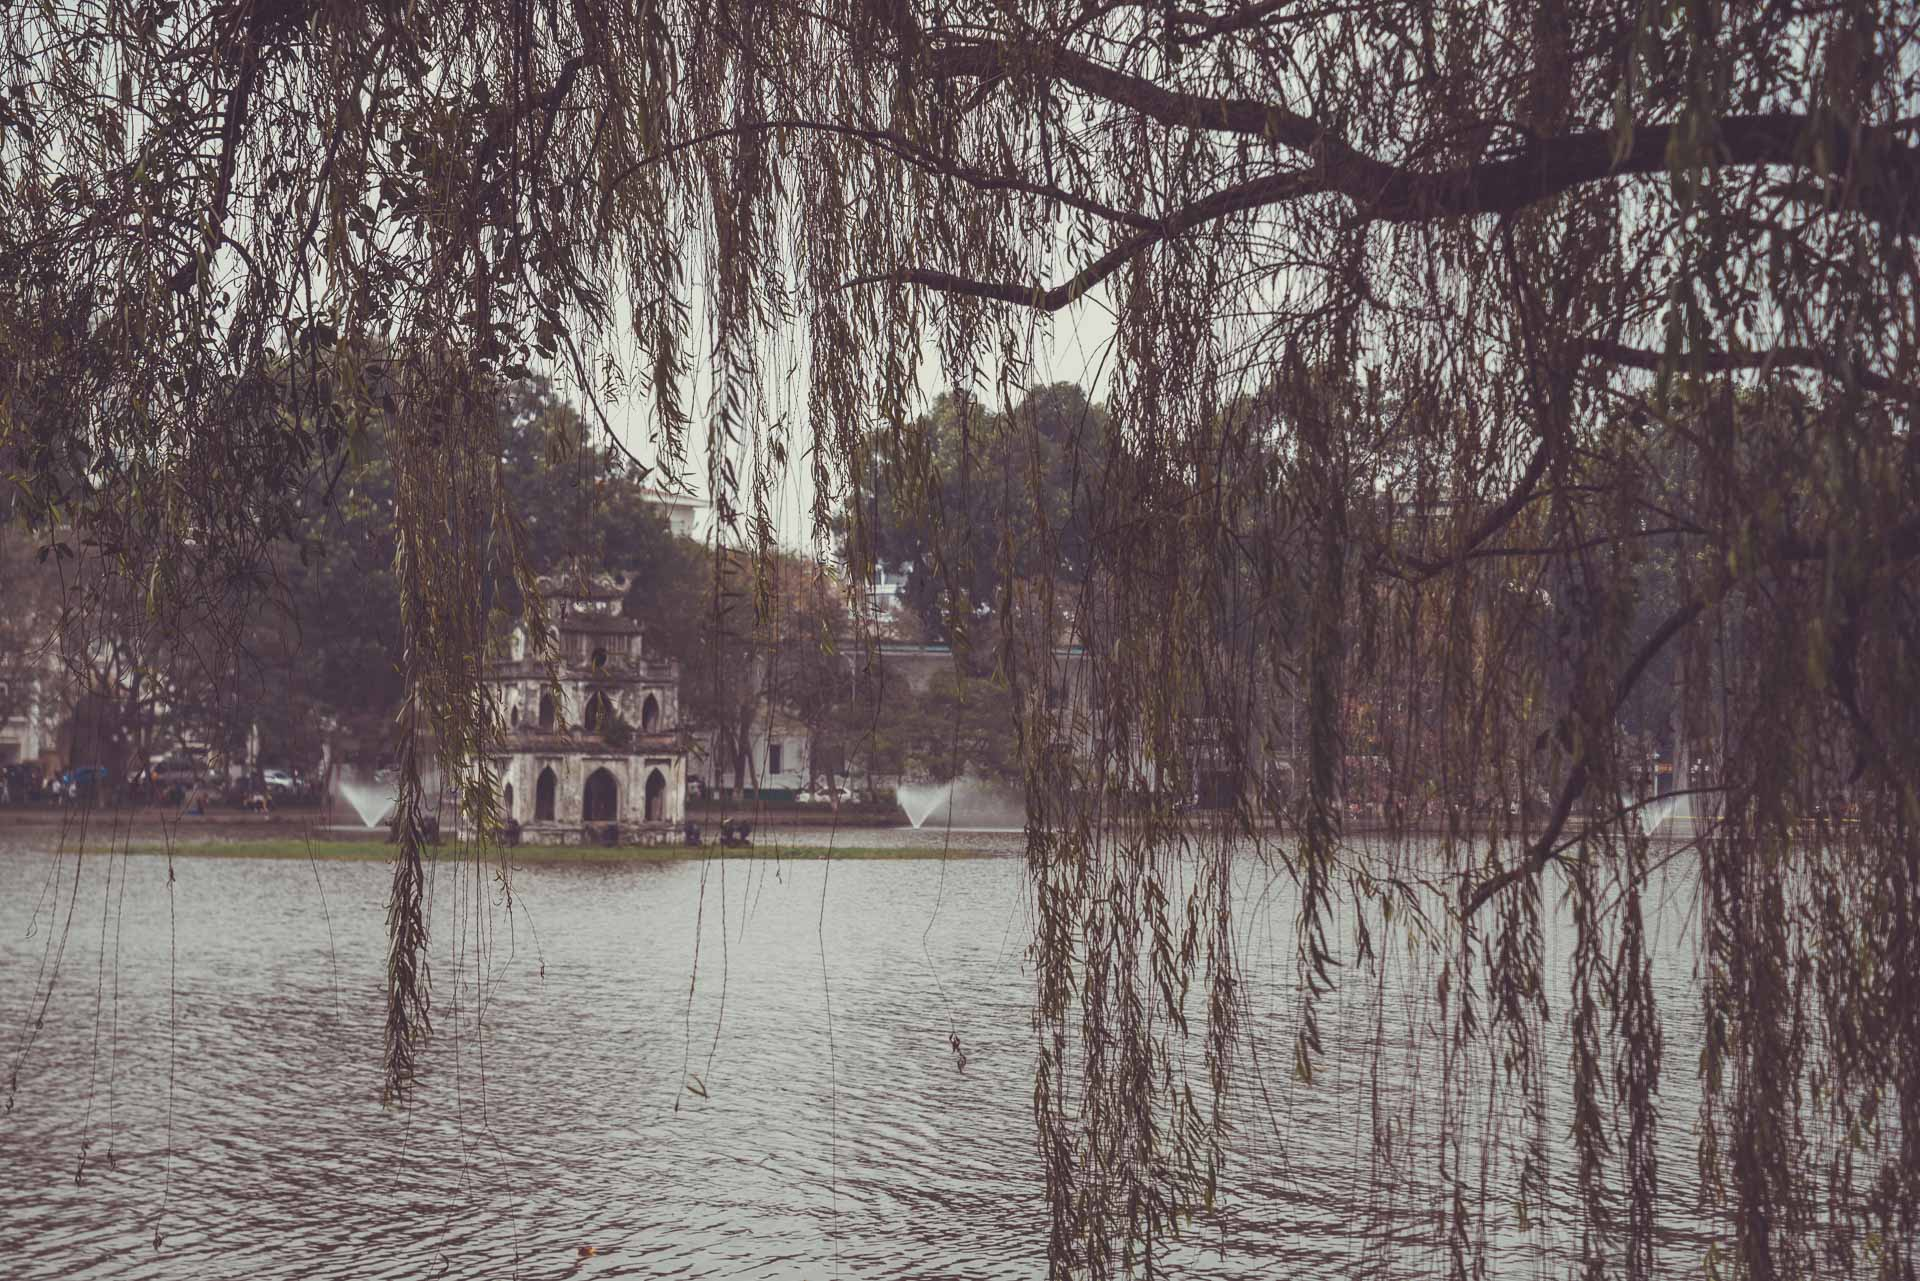 LesVoyageuses-Vietnam-hanoi-tour-vespa-adventures-9